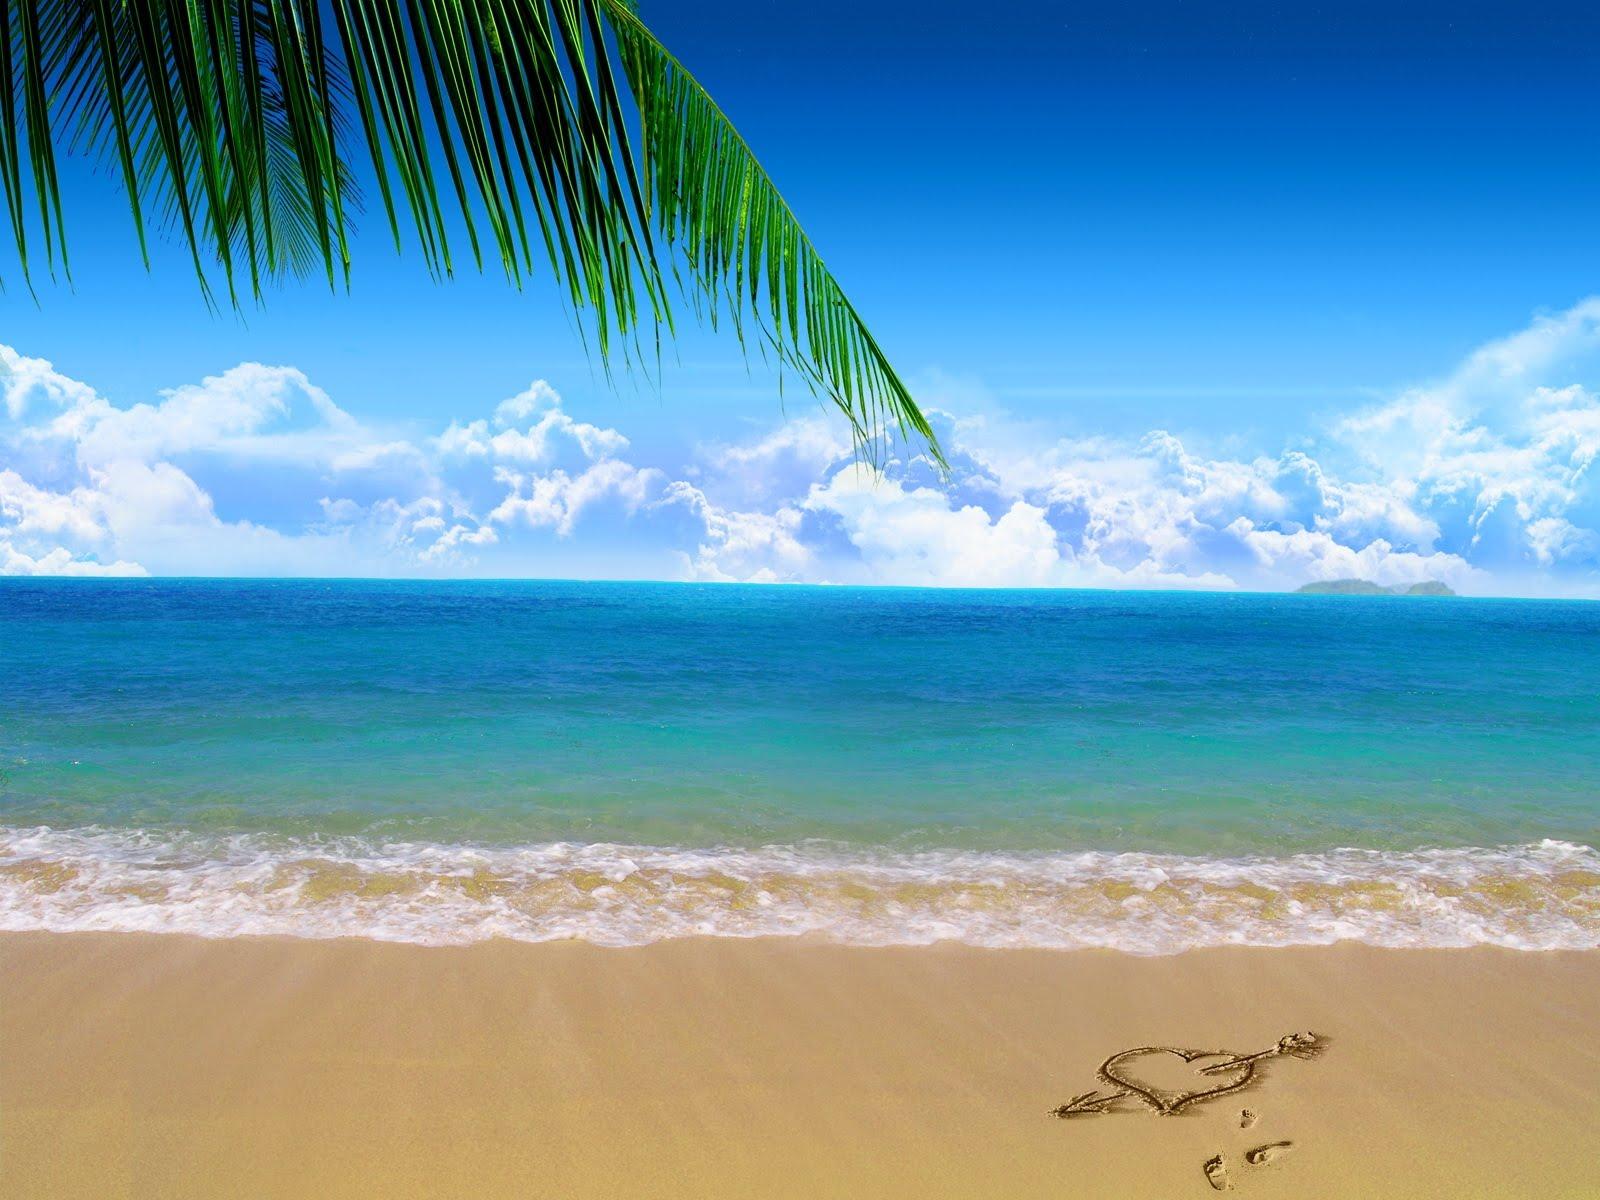 Peisaje Frumoase de Vara pentru Desktop